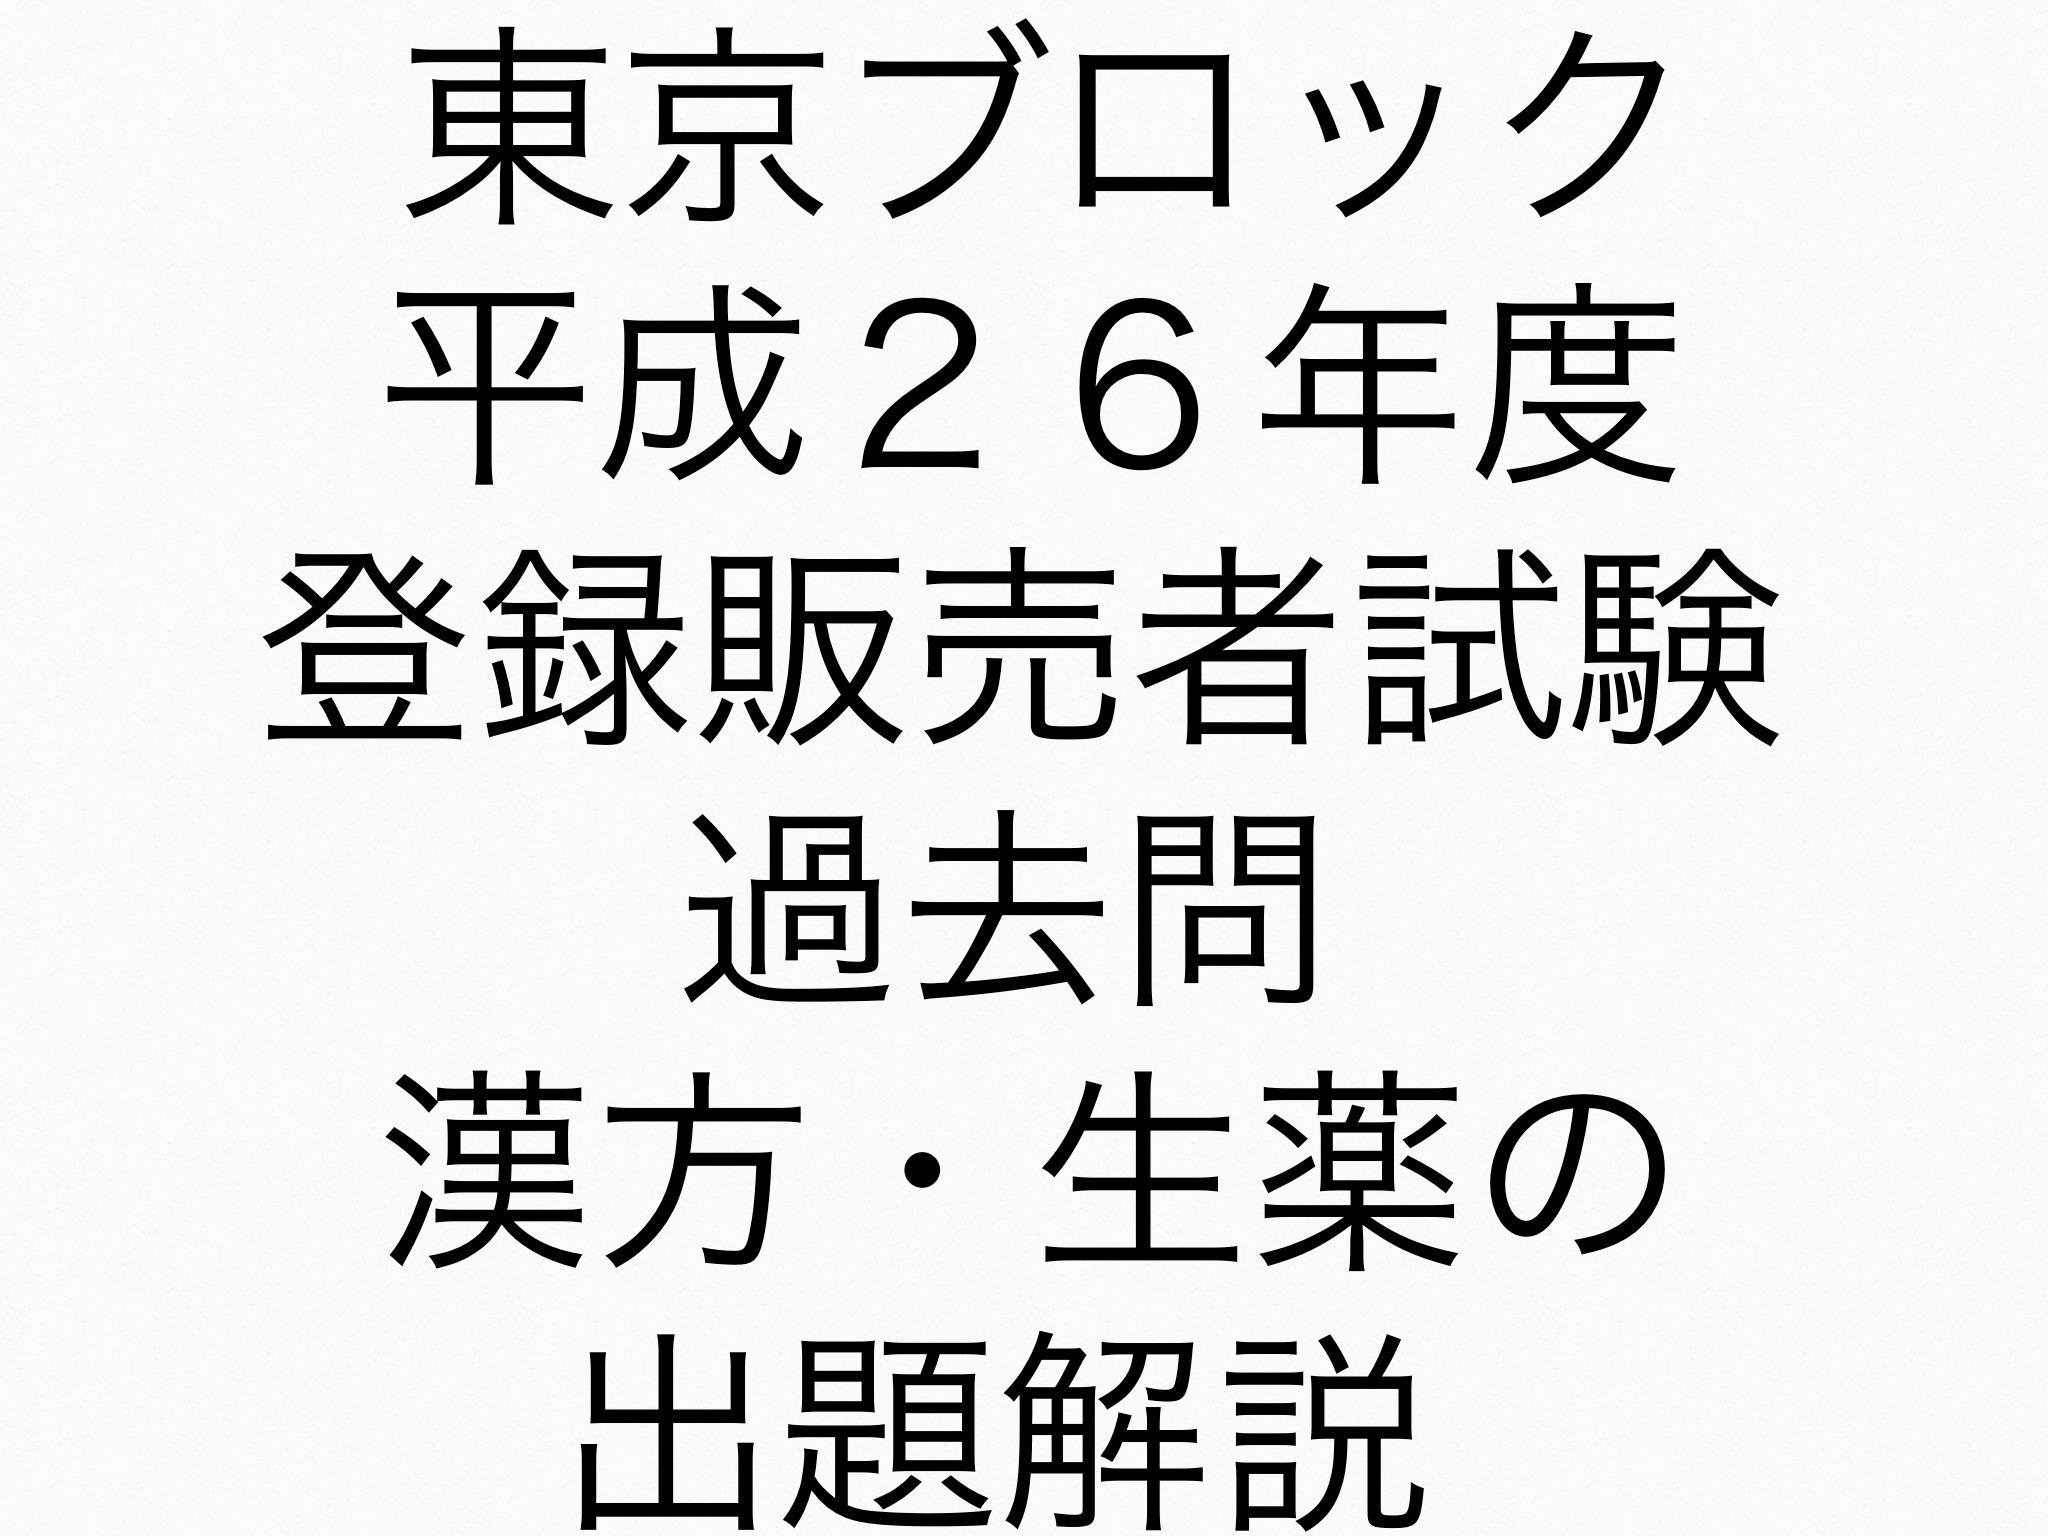 東京H26)登録販売者試験過去問 漢方・生薬の問題解説/出題傾向